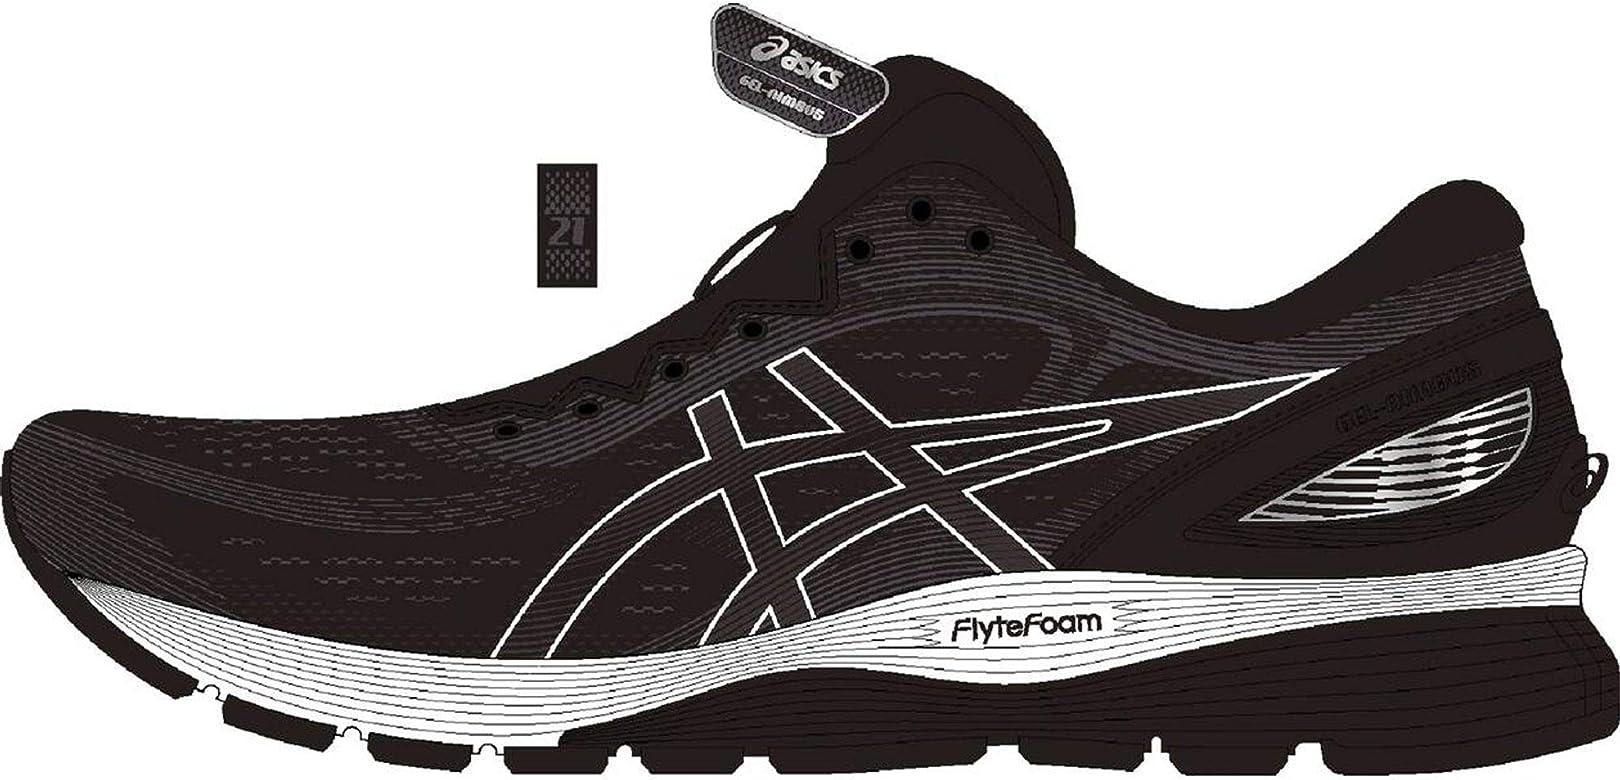 ASICS Gel-Nimbus 21 - Zapatillas deportivas para hombre, color blanco y negro, color Negro, talla 42.5 EU: Amazon.es: Zapatos y complementos